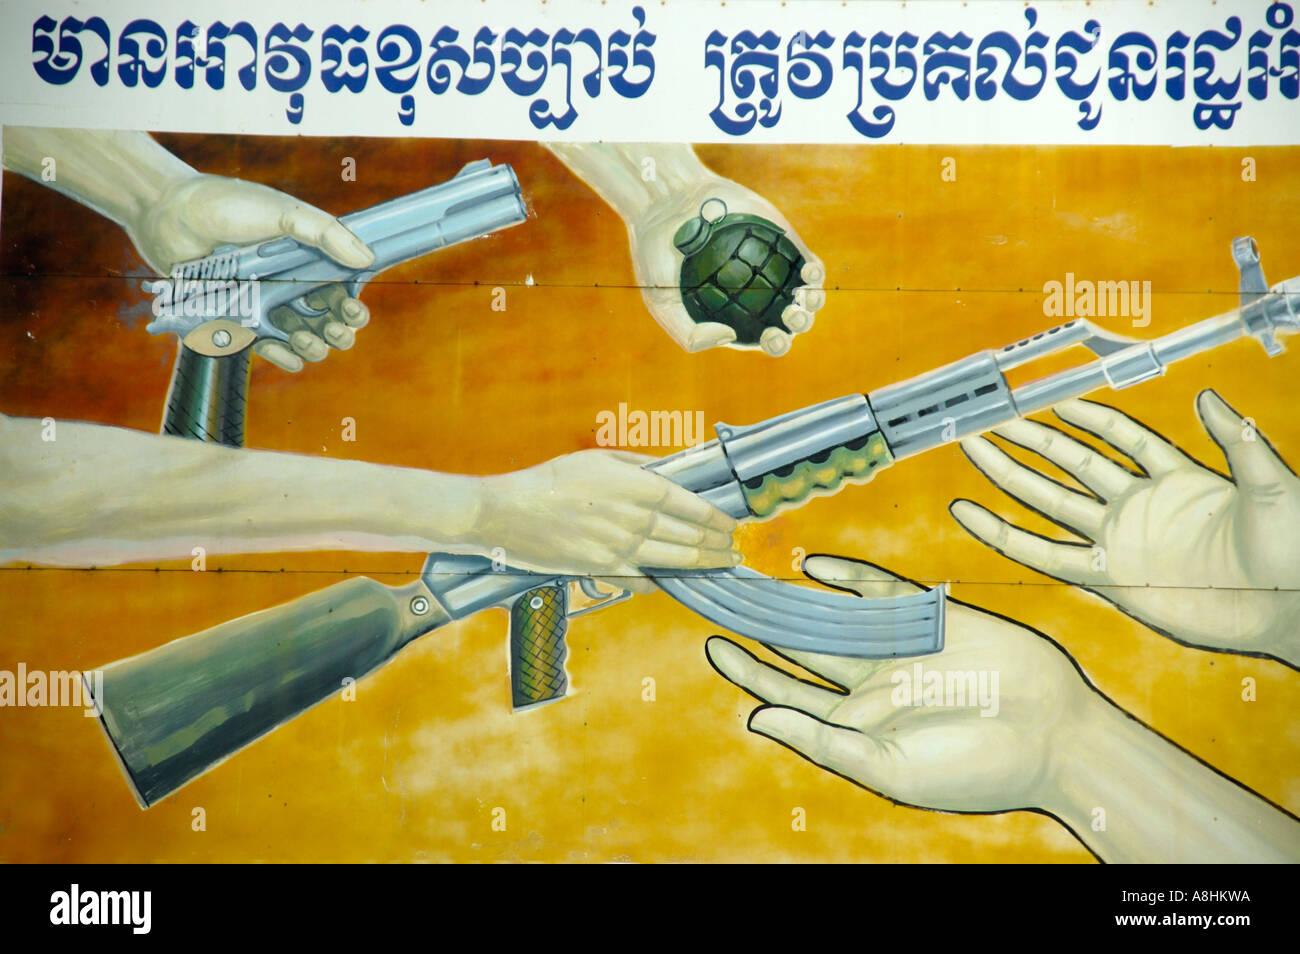 Firmar en Khmer script devolver todas las armas Camboya Imagen De Stock